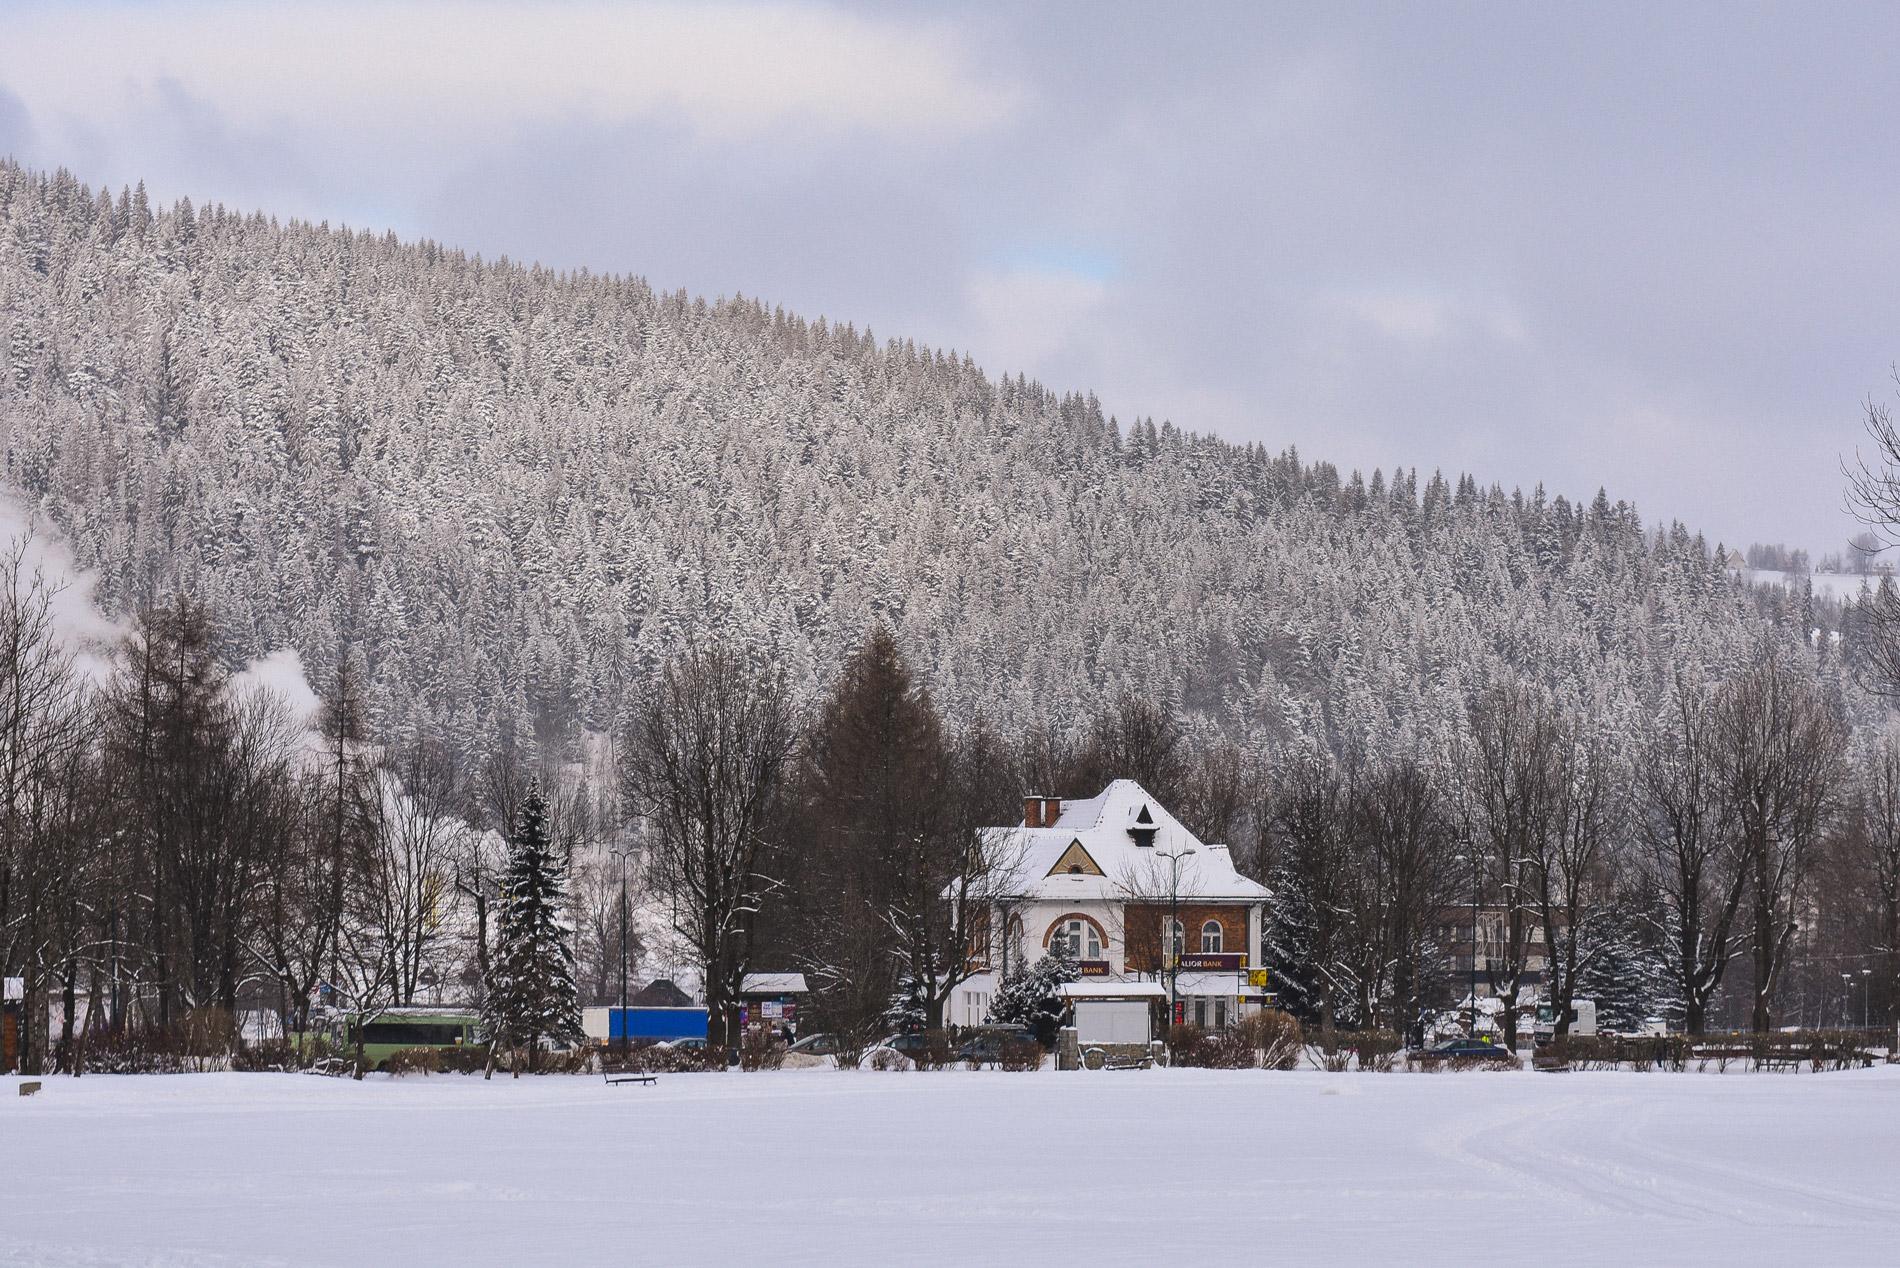 Esta pequena cidade no sul da Polónia está rodeada de montanhas